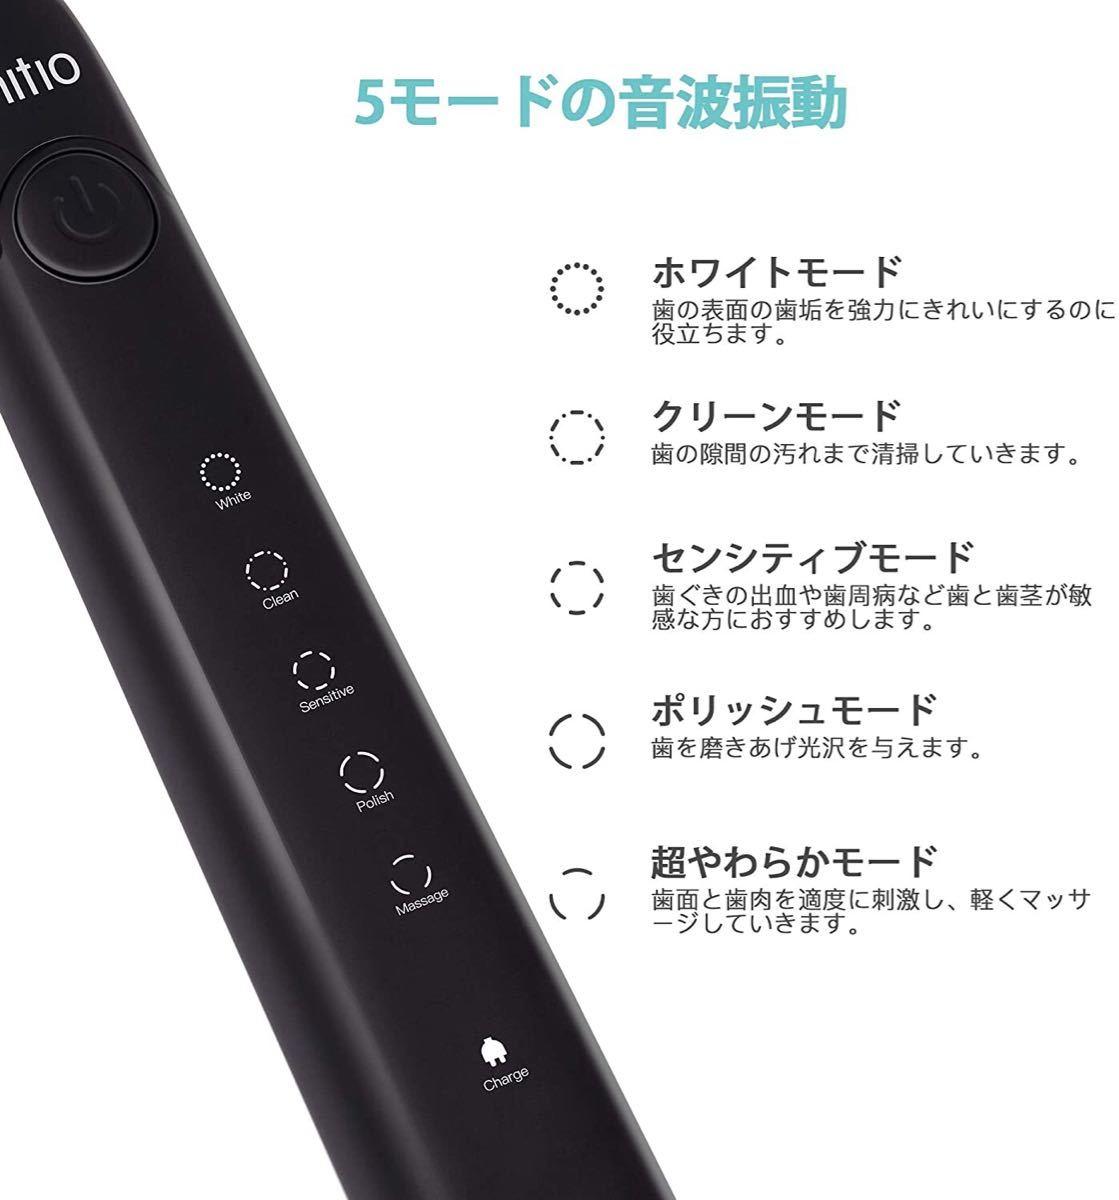 電動歯ブラシ Initio 音波歯ブラシ 歯ブラシ 電動 ソニック ブラック 3本替えブラシ 五つのモードとオートタイマー機能搭載